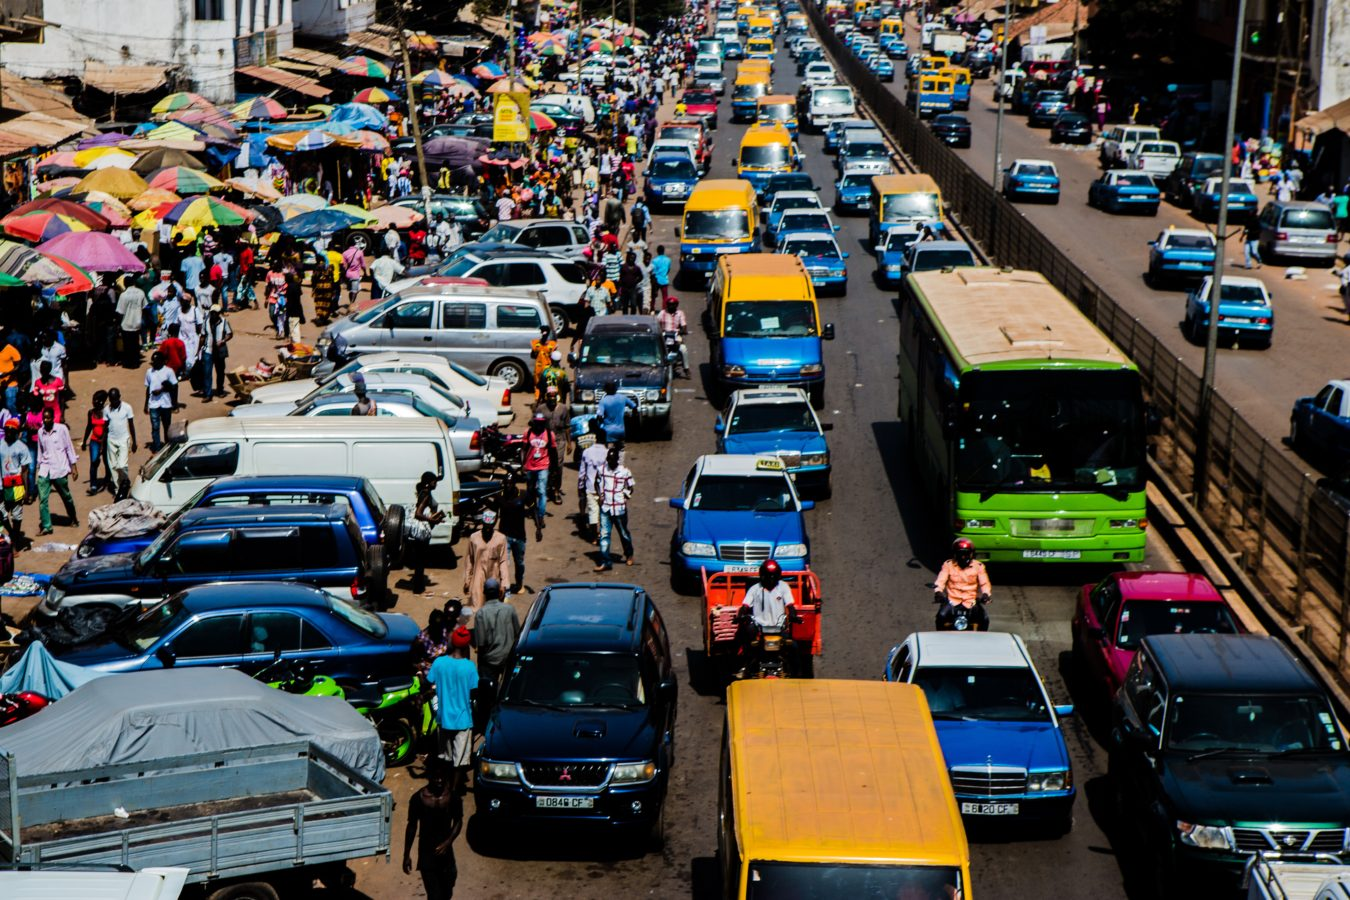 vista da capital da Guiné-Bissau